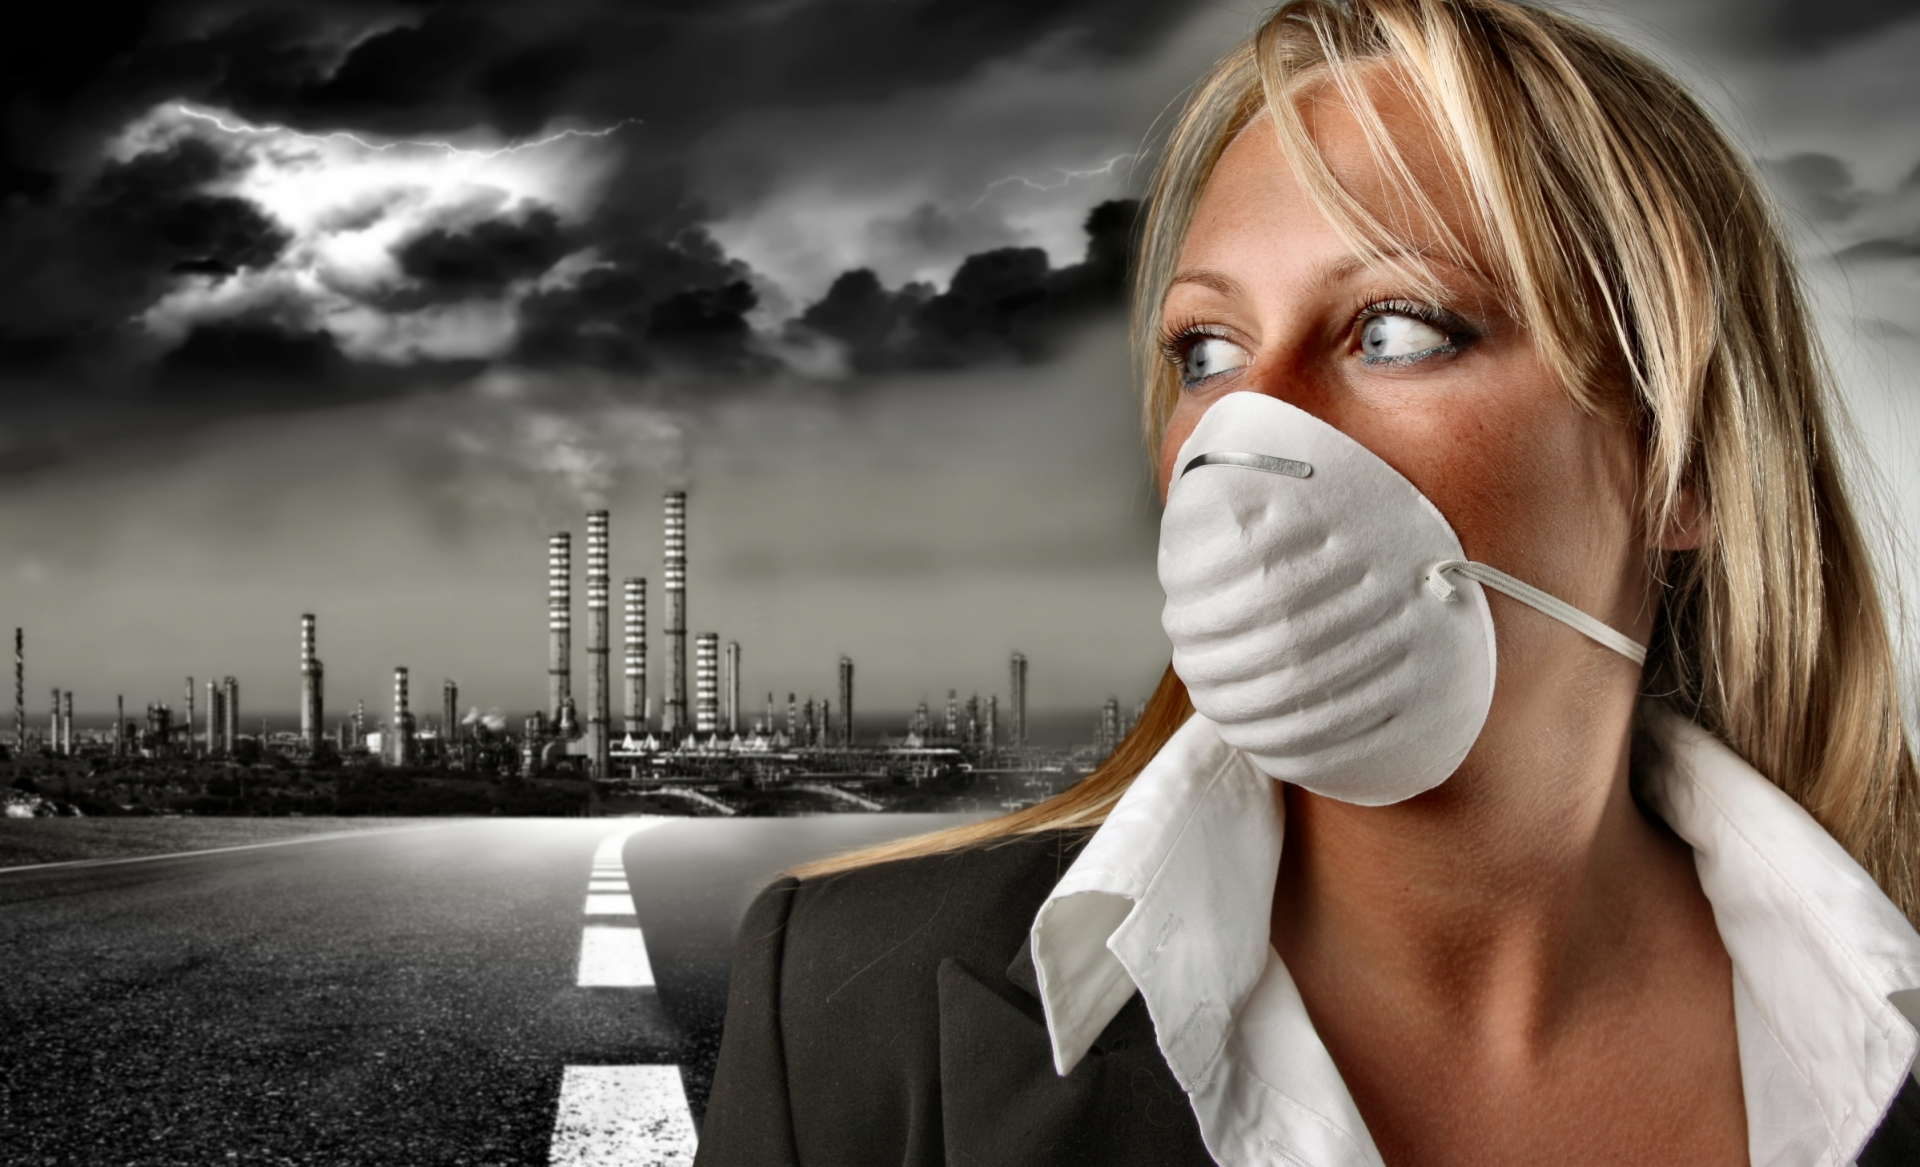 consecuencias del cambio climatico en la salud